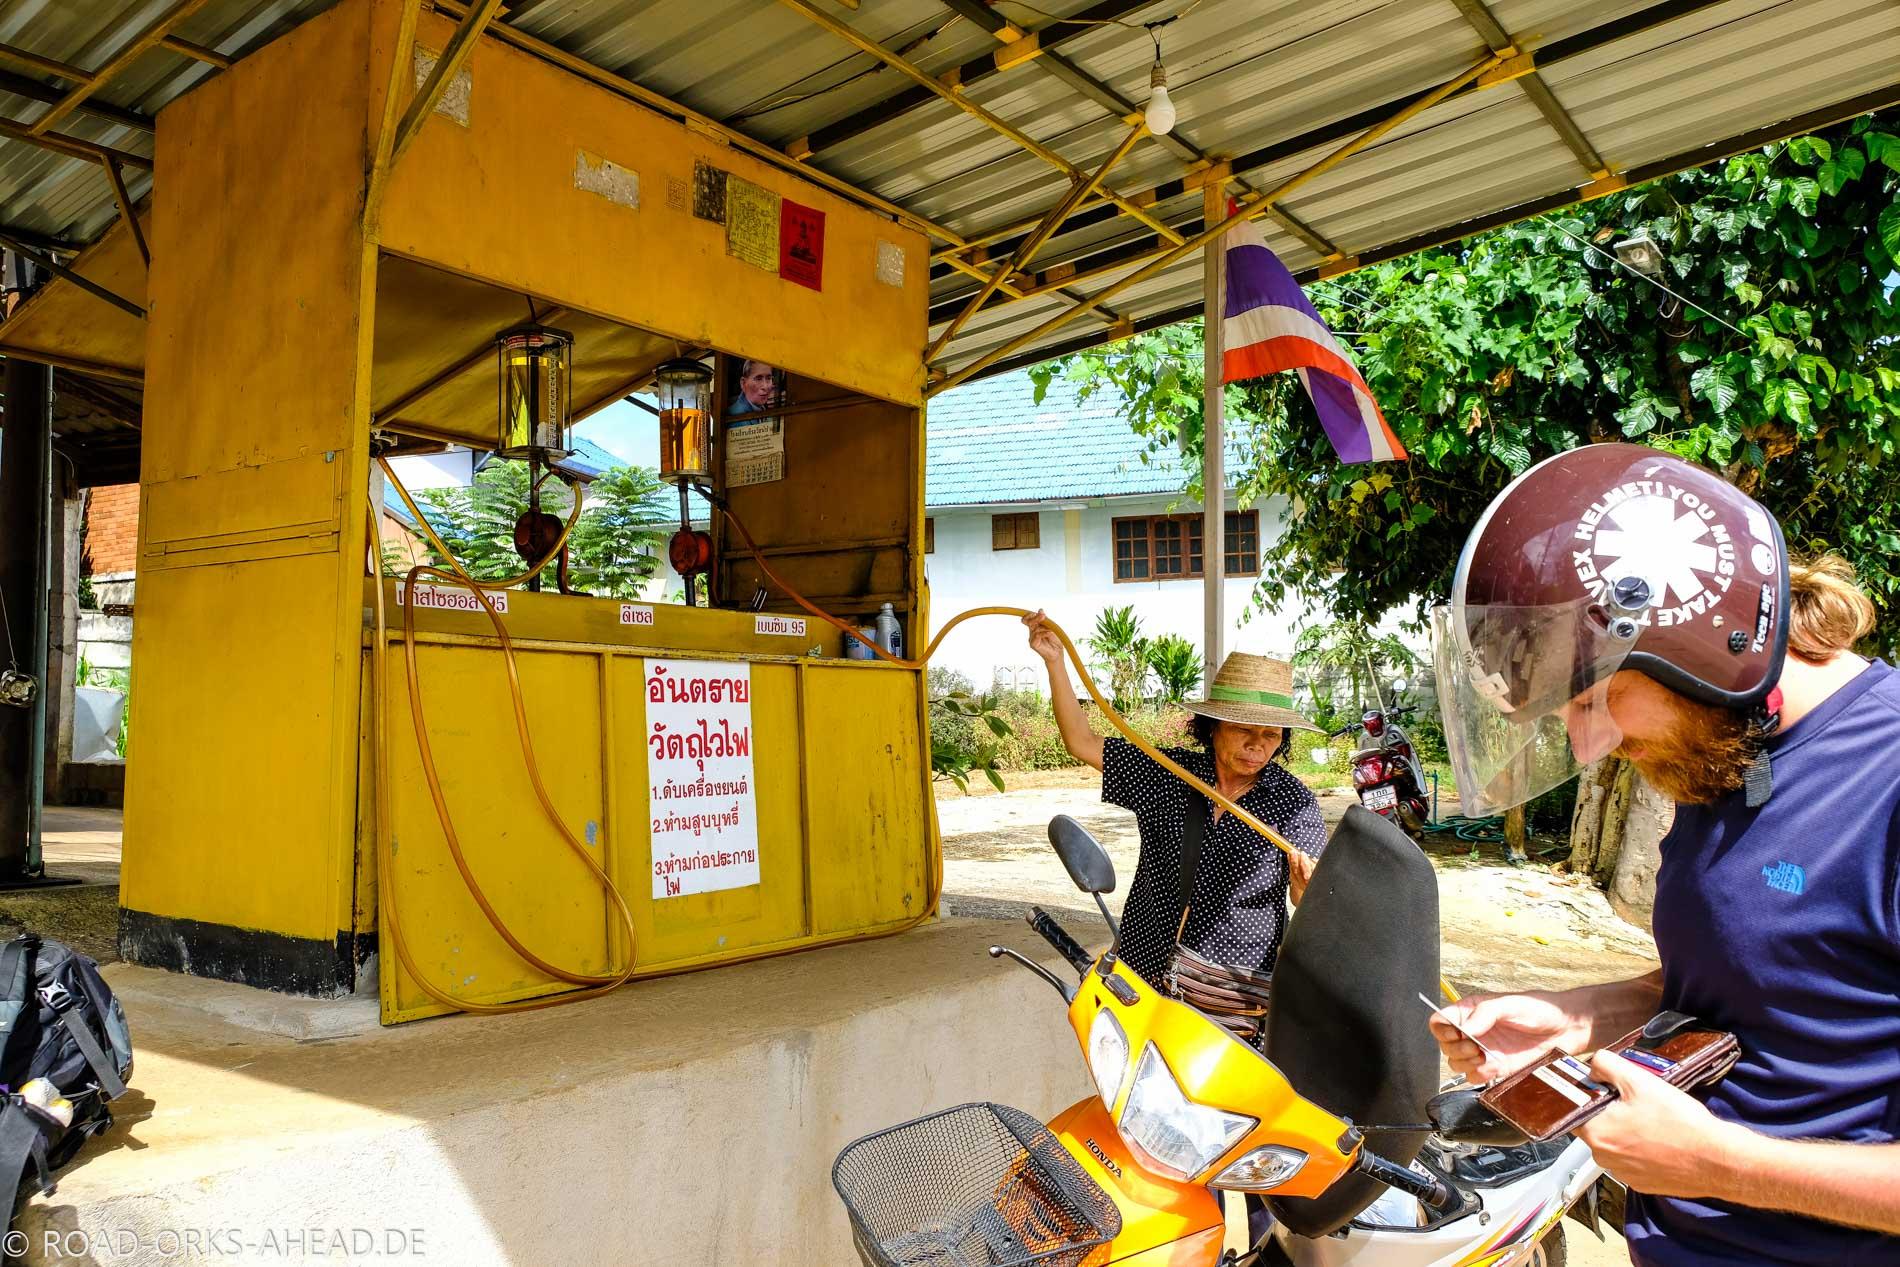 Tankstelle in Thailand - ganz manuell mit Handpumpe